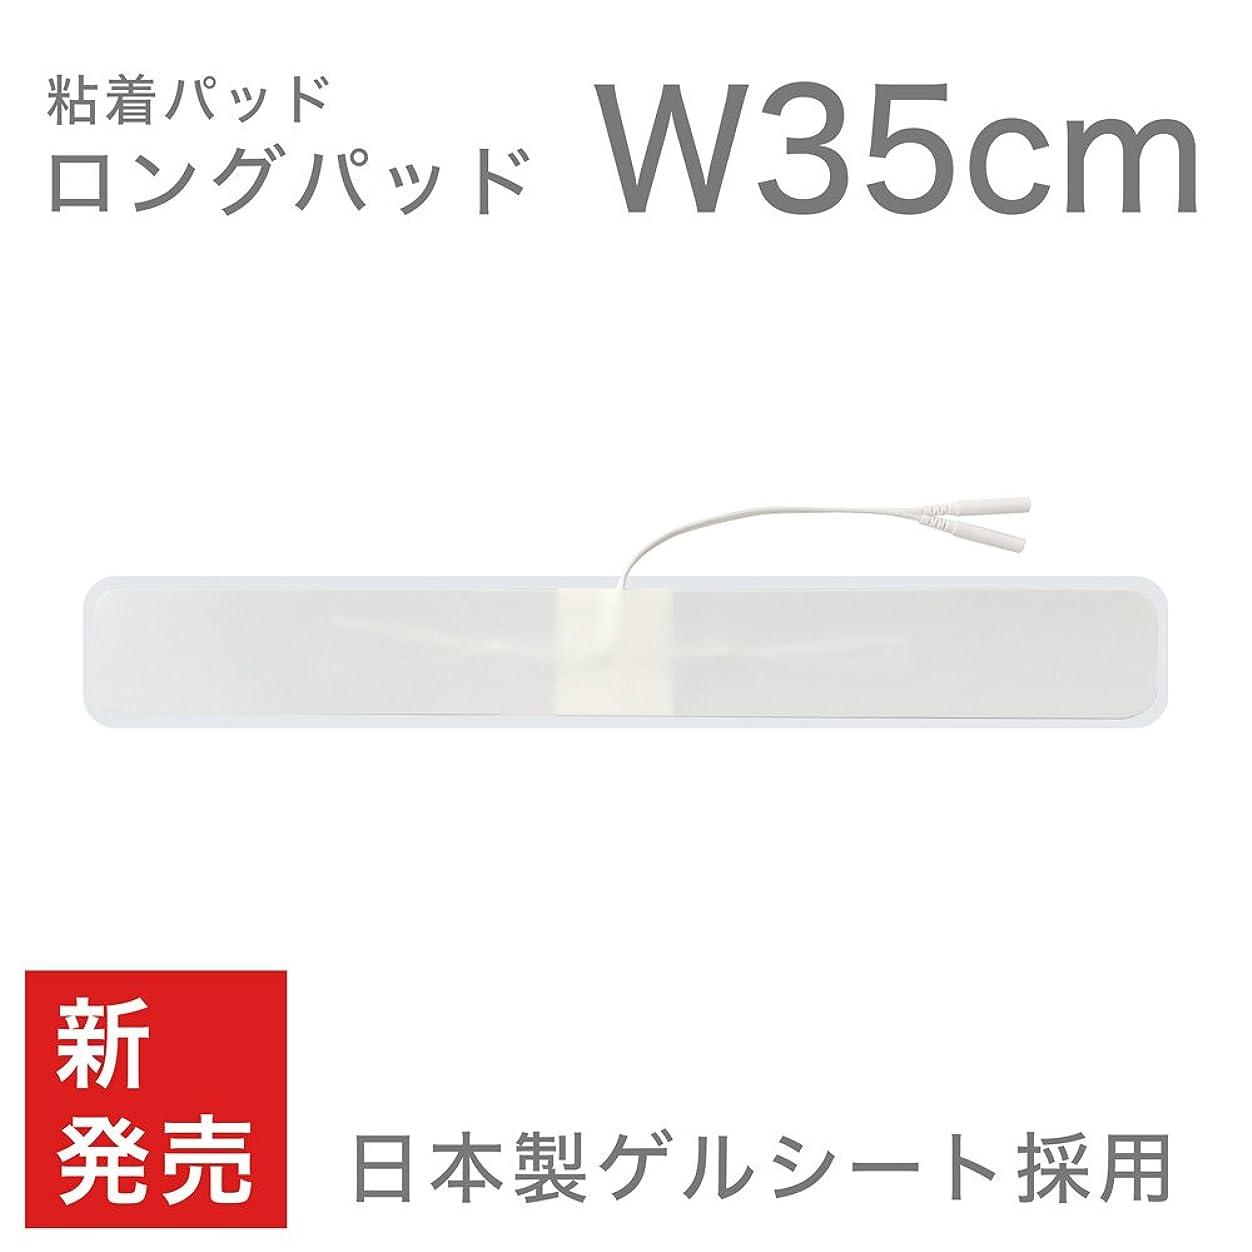 アロングペダル治療TOP TOUCH 粘着パッド ロングパッド 4x35cm【日本製高品質ゲルシート採用】